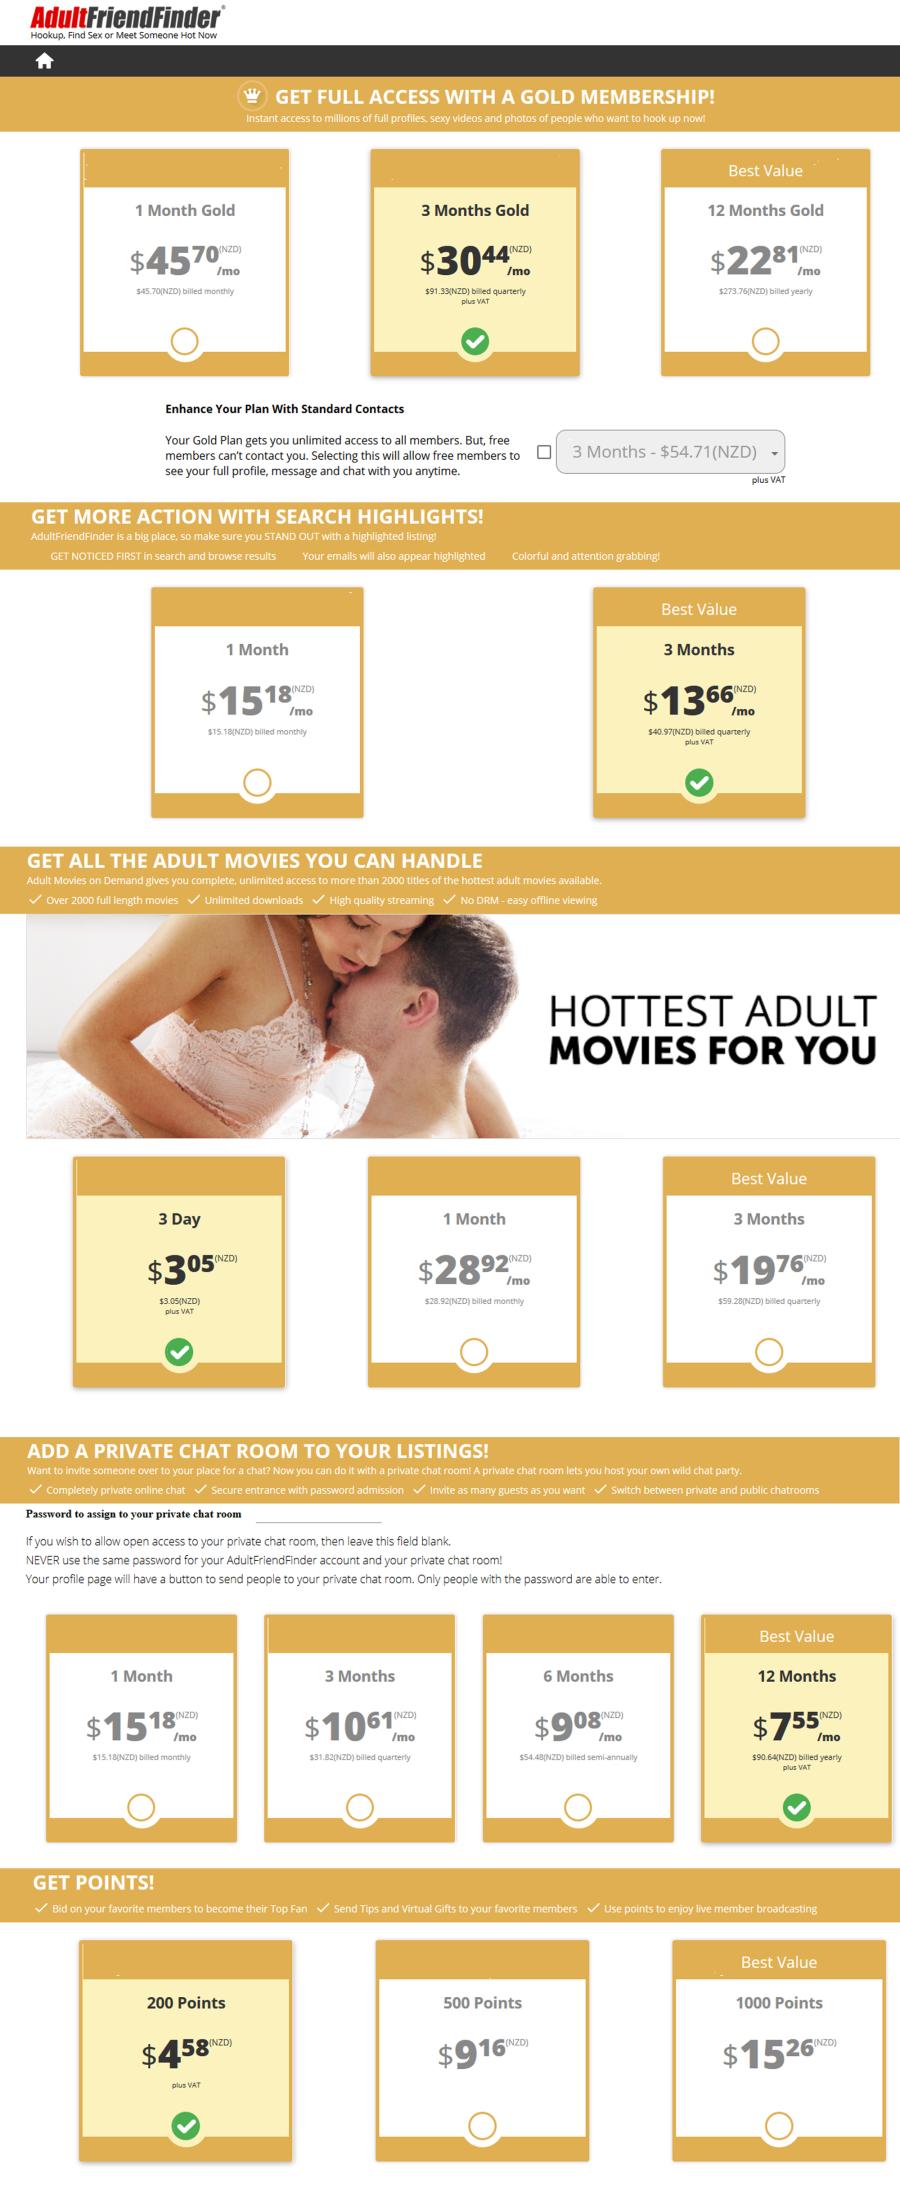 Adultfriendfinder NZ Price